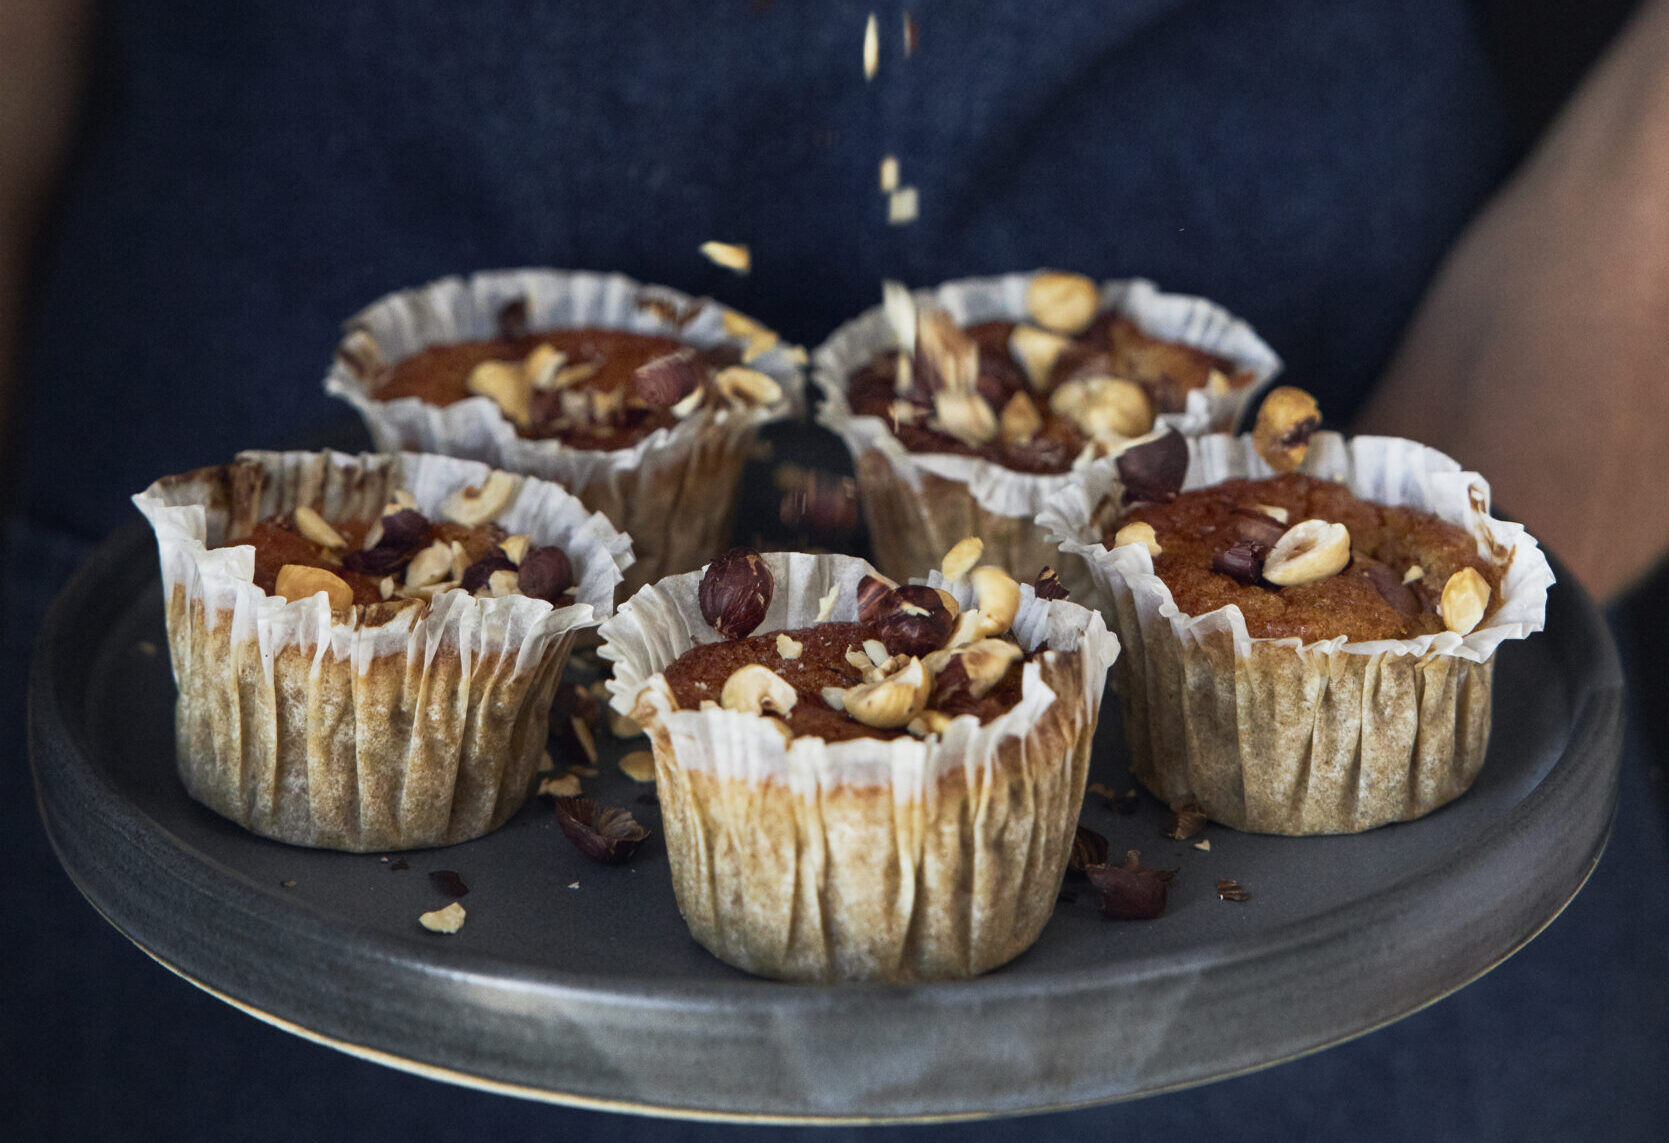 glutenfrie årstider - glutenfri æblemuffins